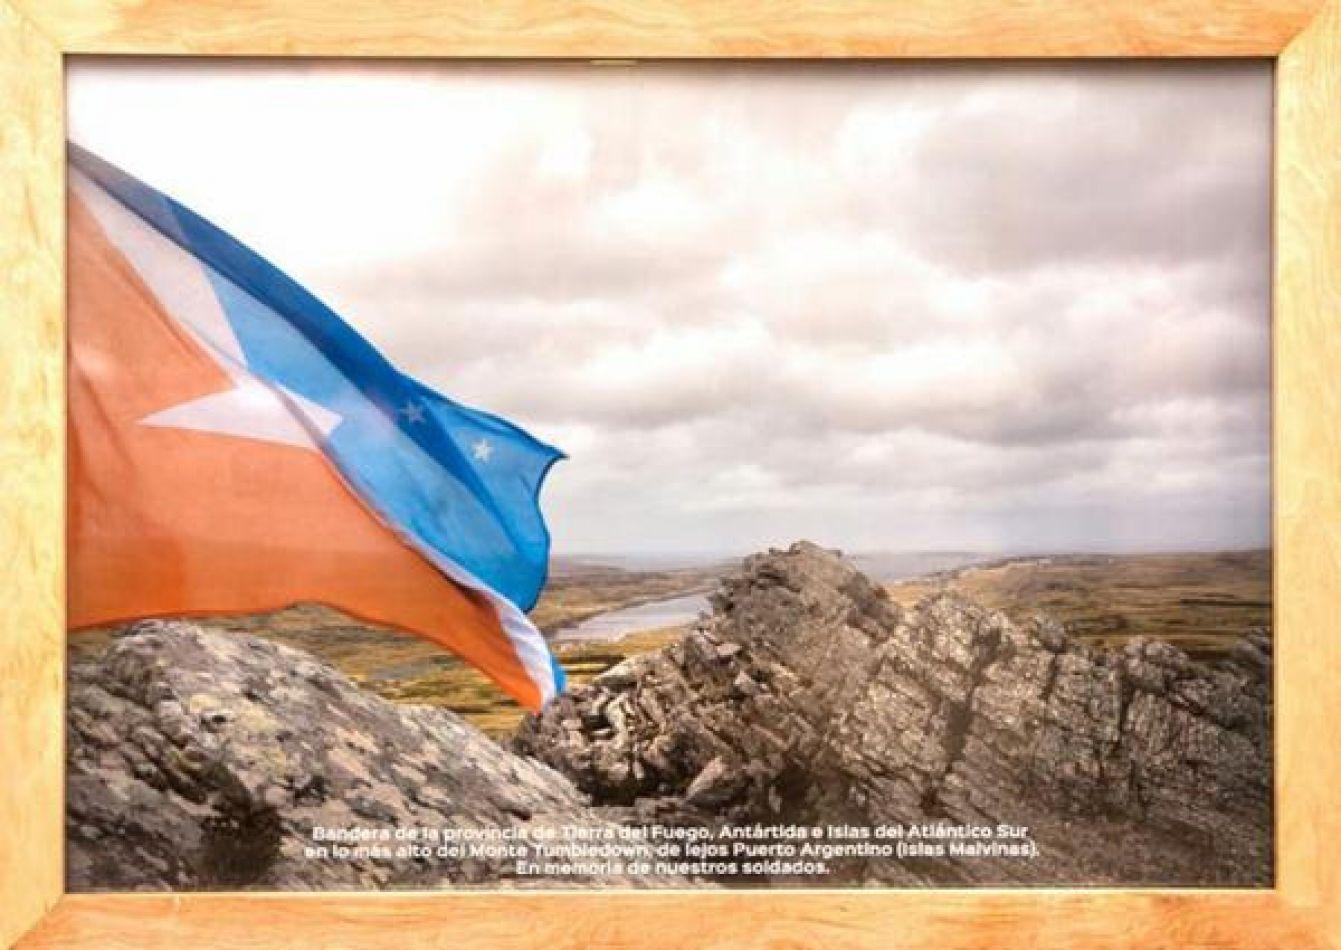 Bandera de nuestra provincia de Tierra del Fuego